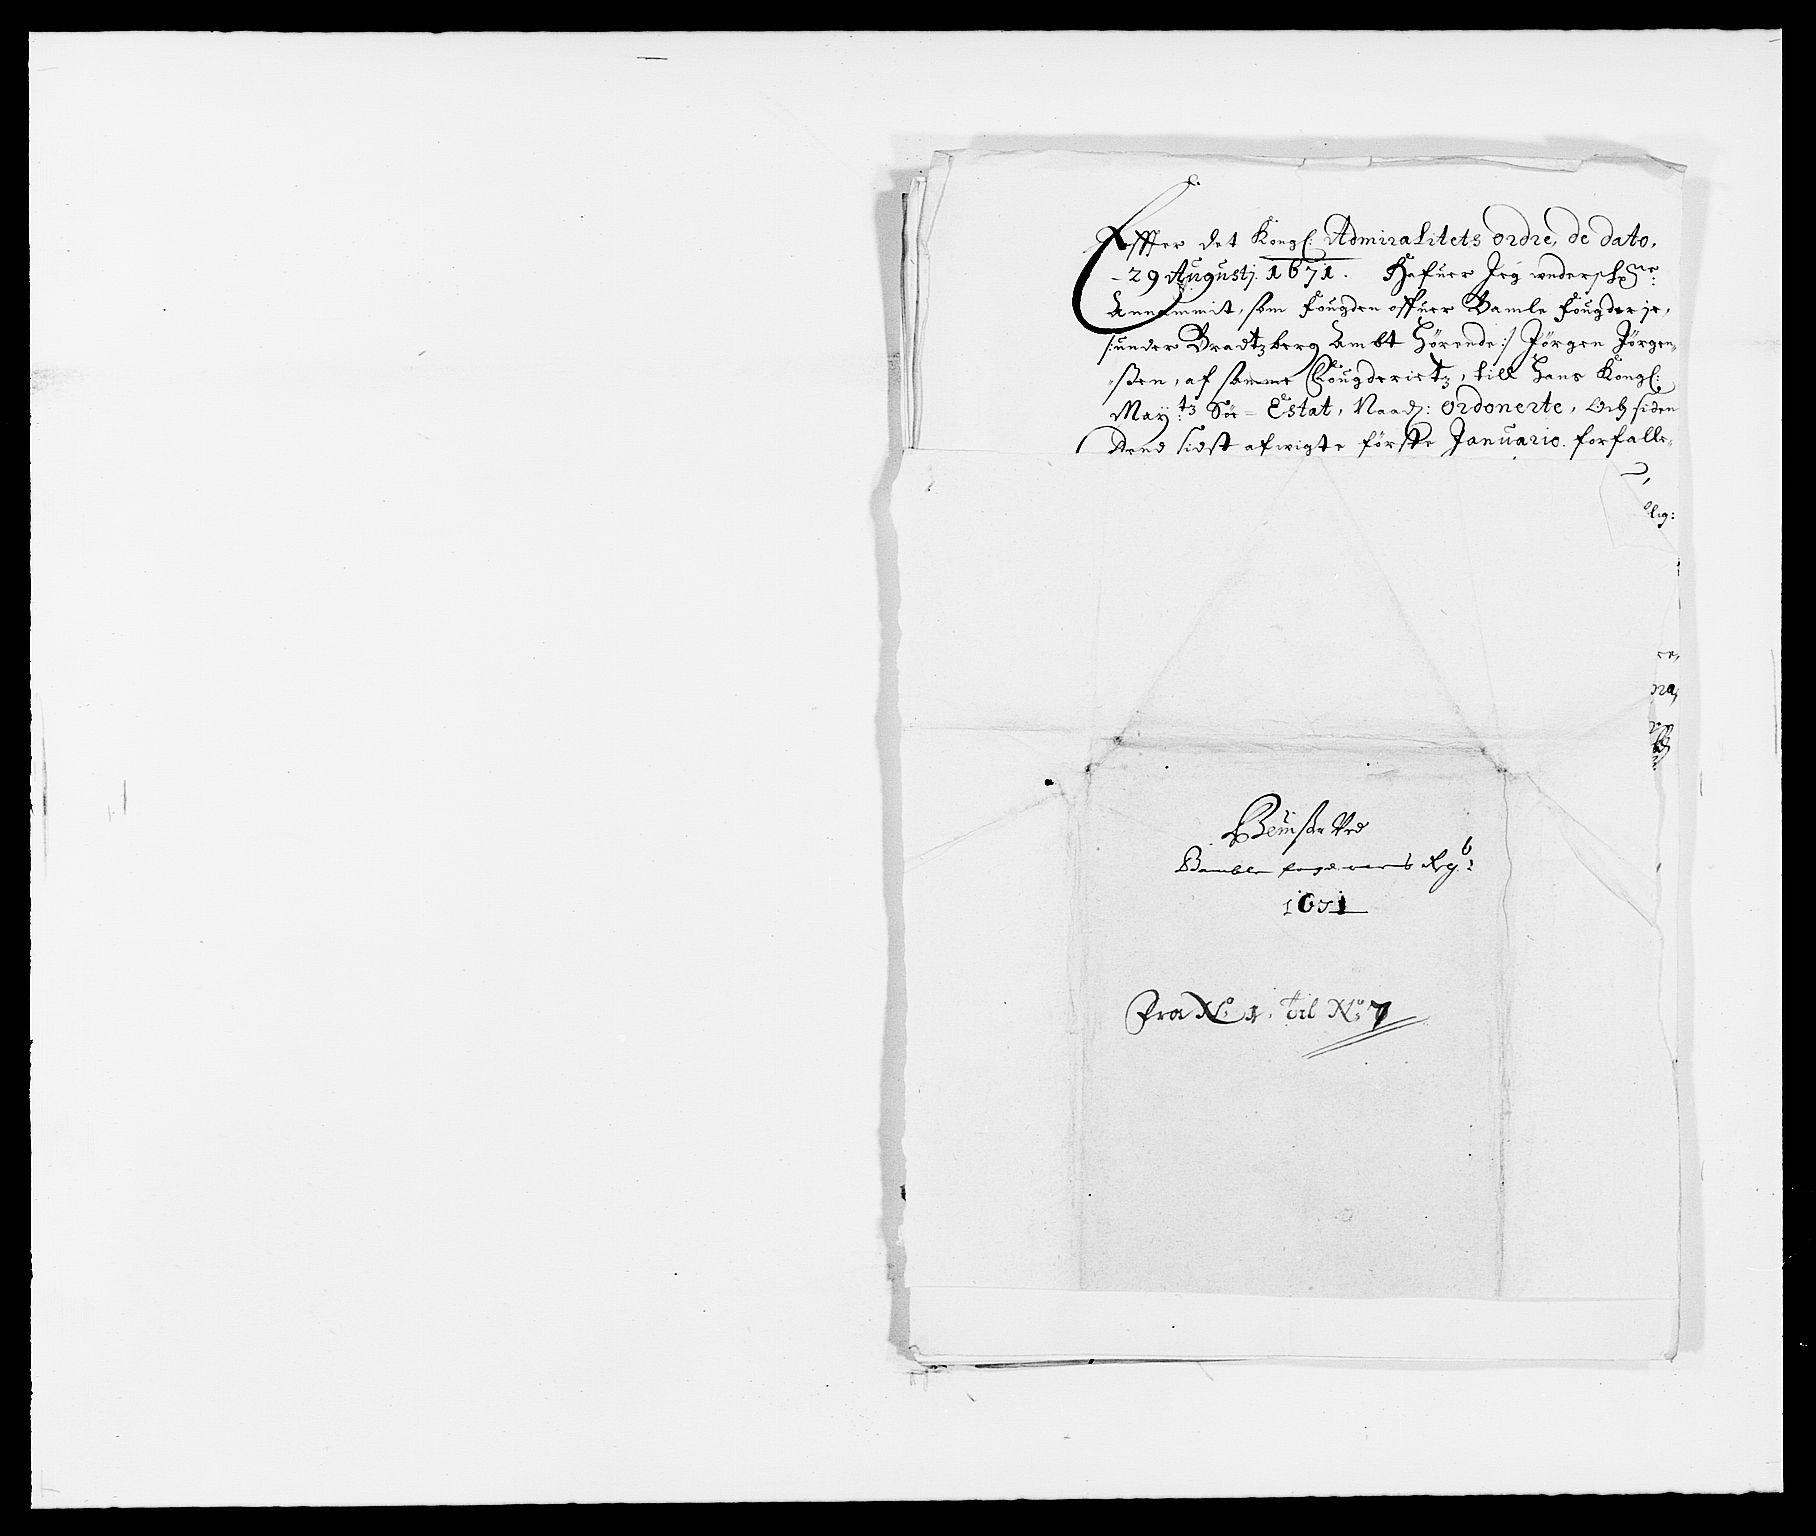 RA, Rentekammeret inntil 1814, Reviderte regnskaper, Fogderegnskap, R34/L2041: Fogderegnskap Bamble, 1670-1672, s. 246